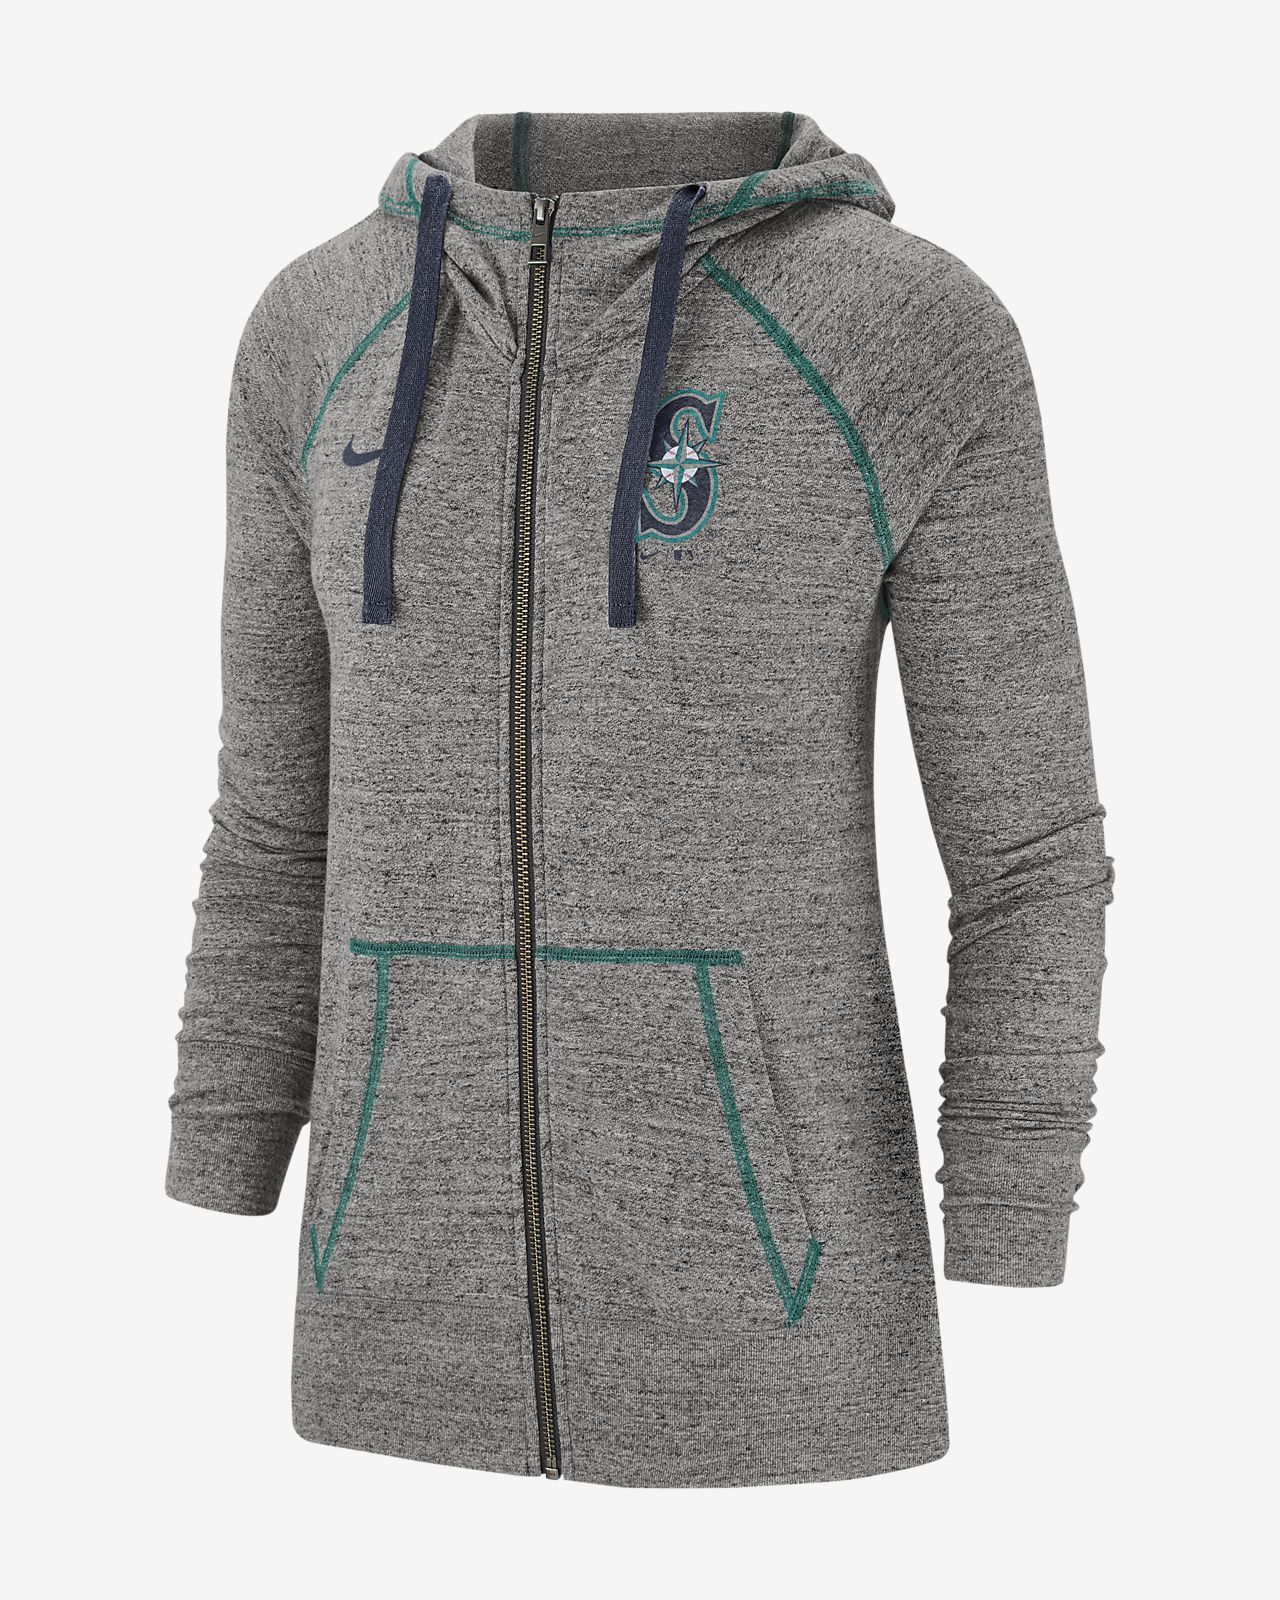 Nike Gym Vintage (MLB Mariners) Women's Full-Zip Hoodie